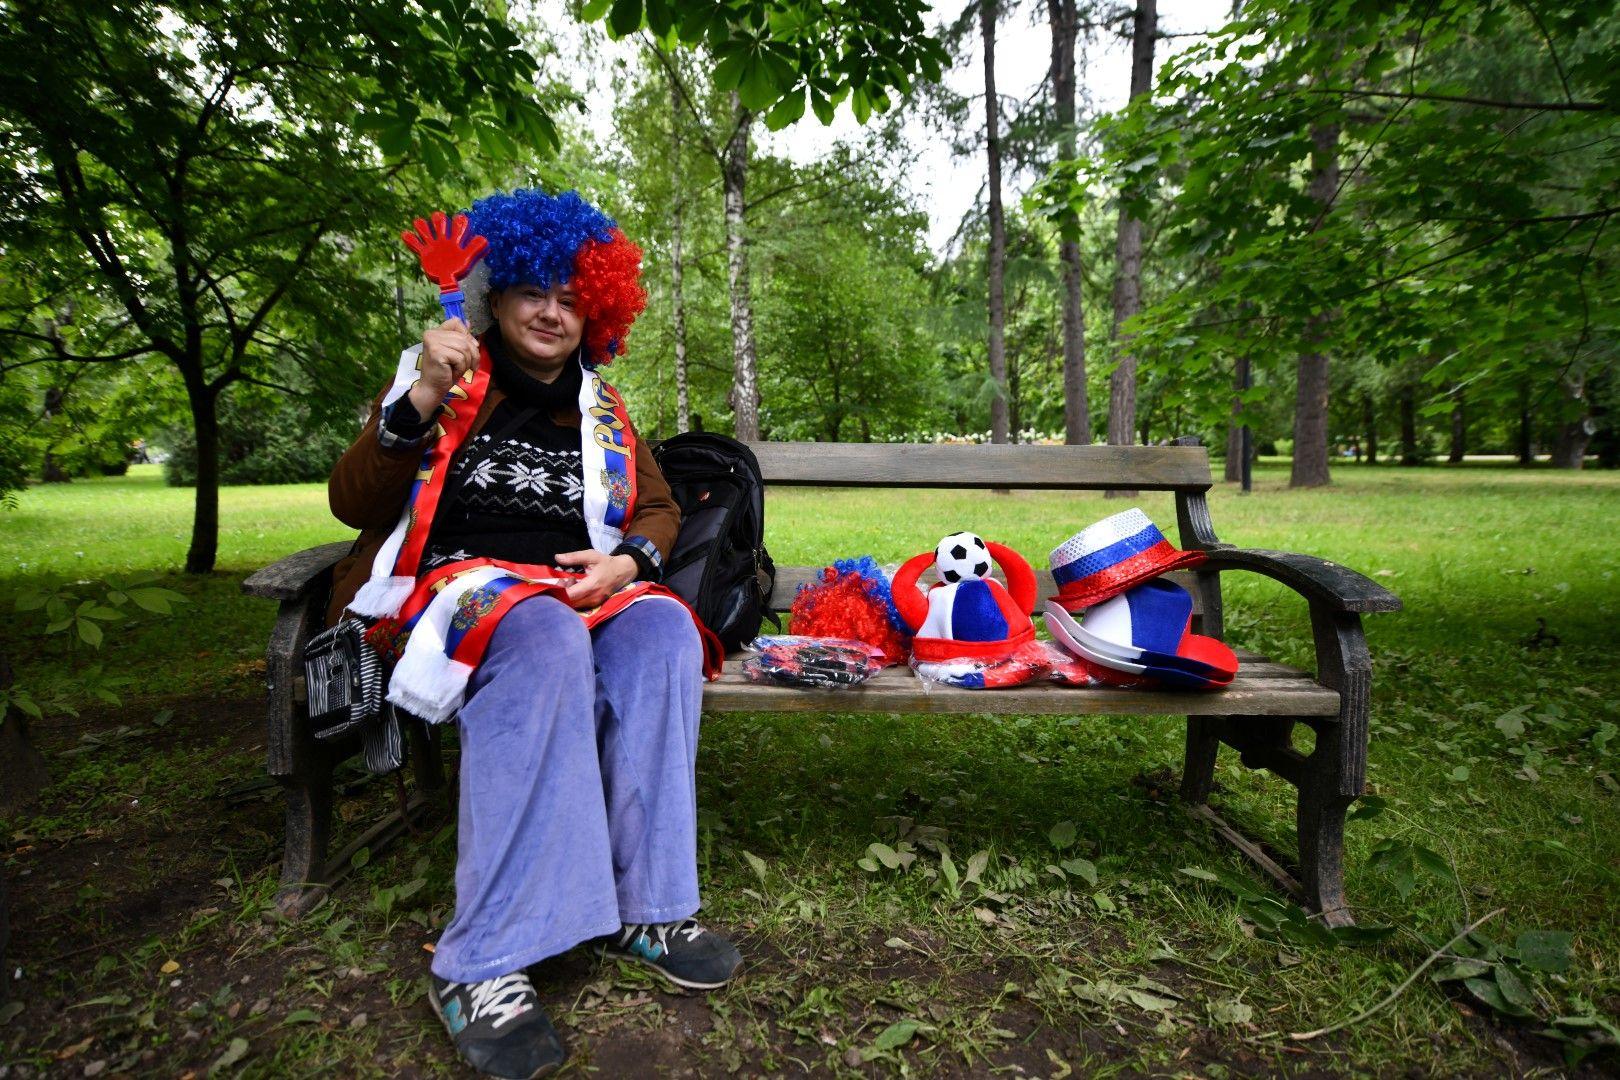 Освен официалните сувенири, разбира се, ще процъфтява и бизнесът с неофициалните шалчета, знаменца и други дреболии. Из московските паркове той вече върви.